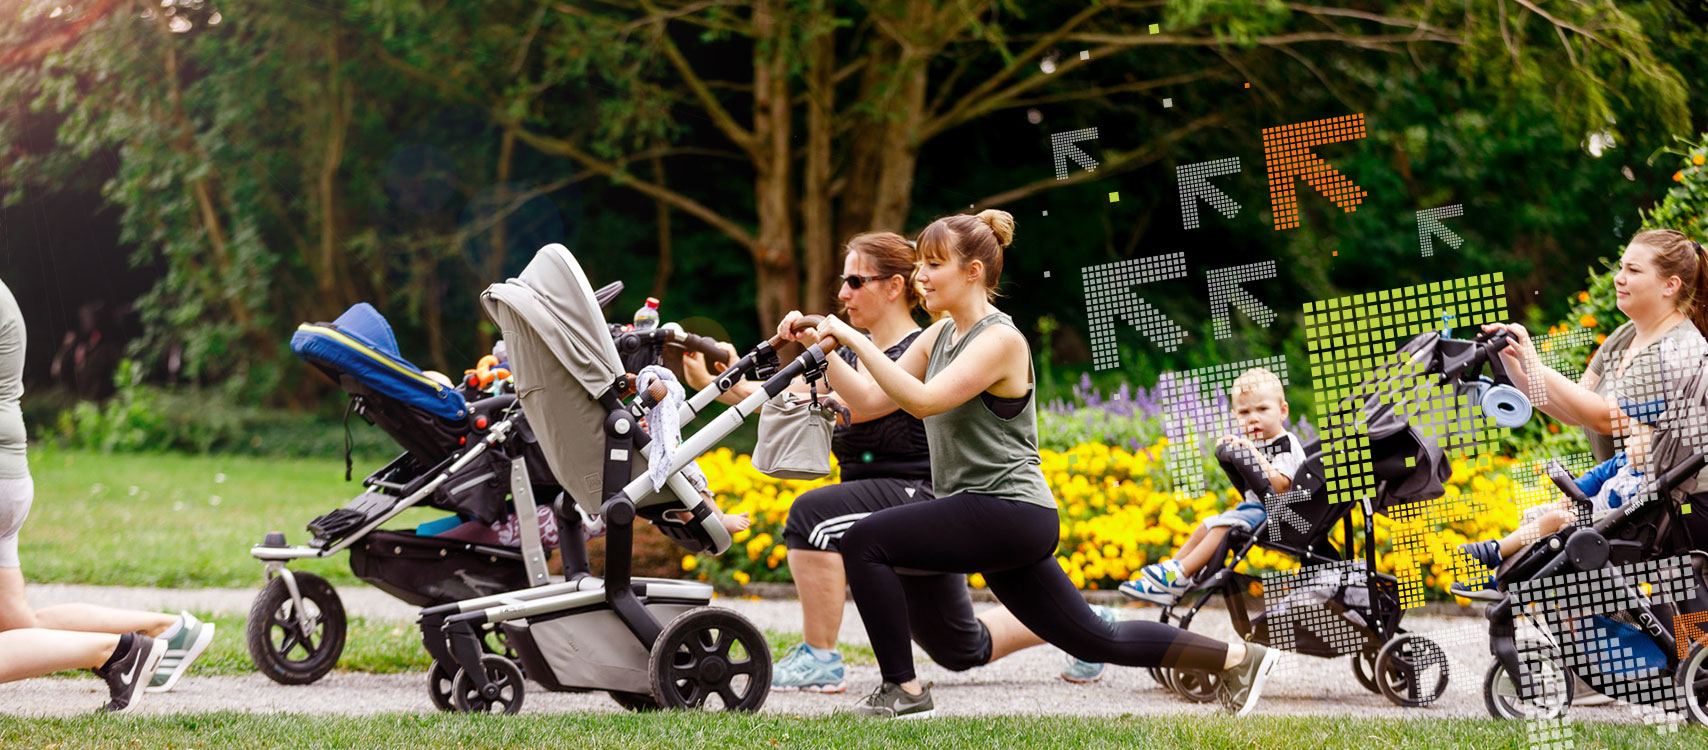 Frauen schieben den Kinderwagen beim Buggyfitkurs